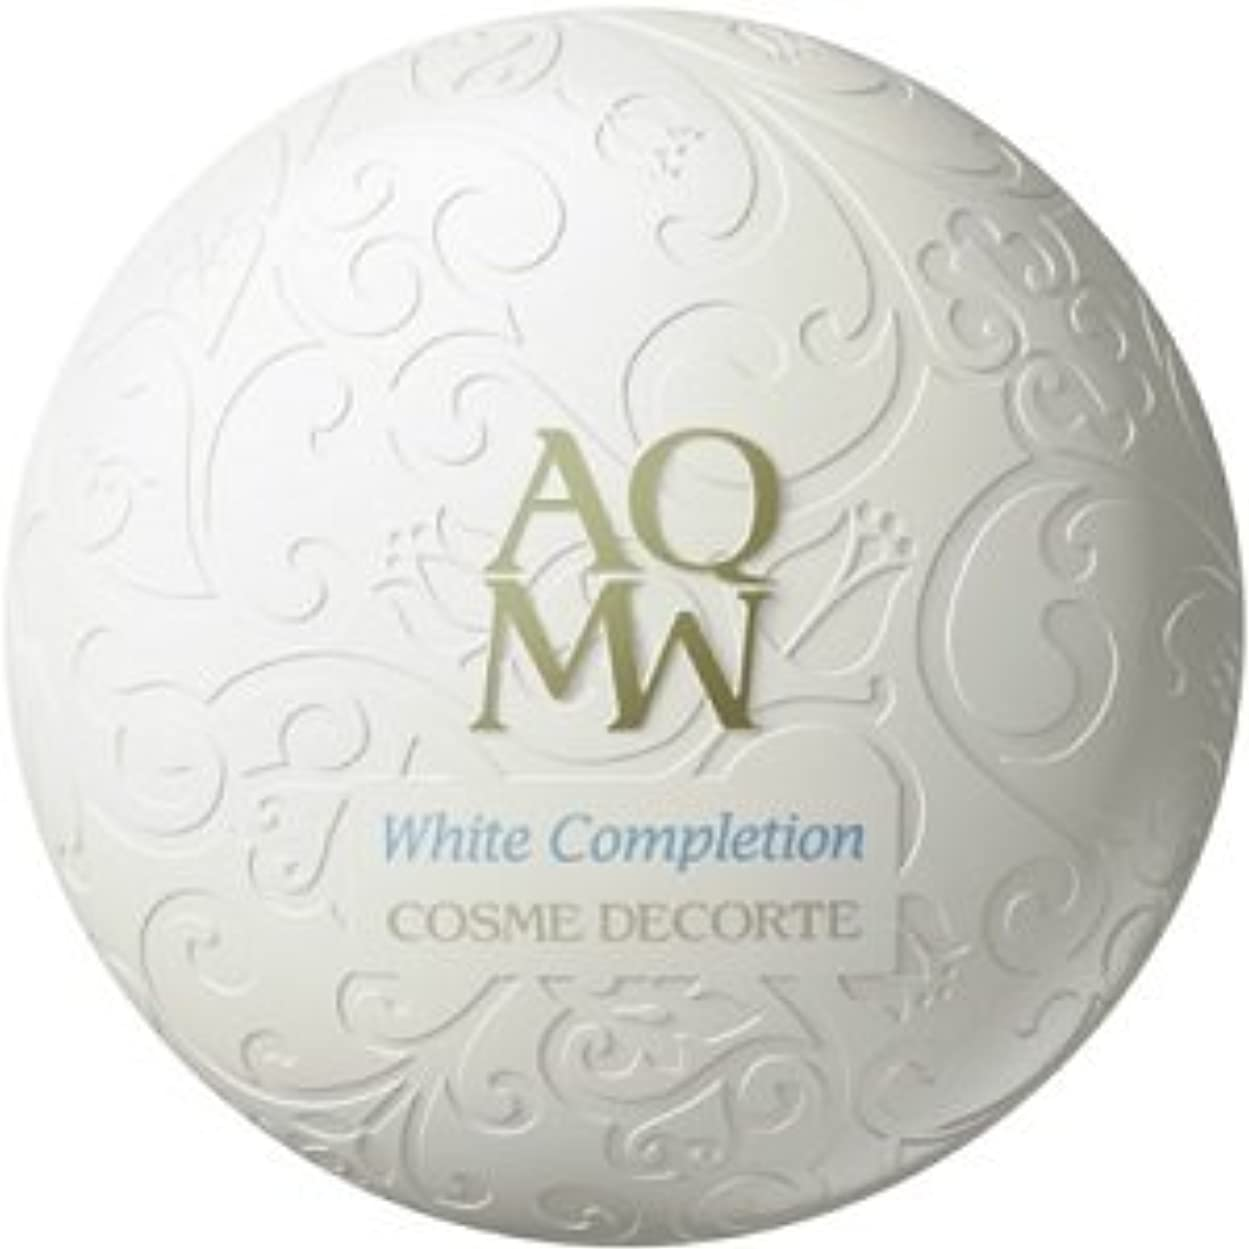 実質的単語調停者コスメデコルテ AQMW ホワイトコンプリーション 25g